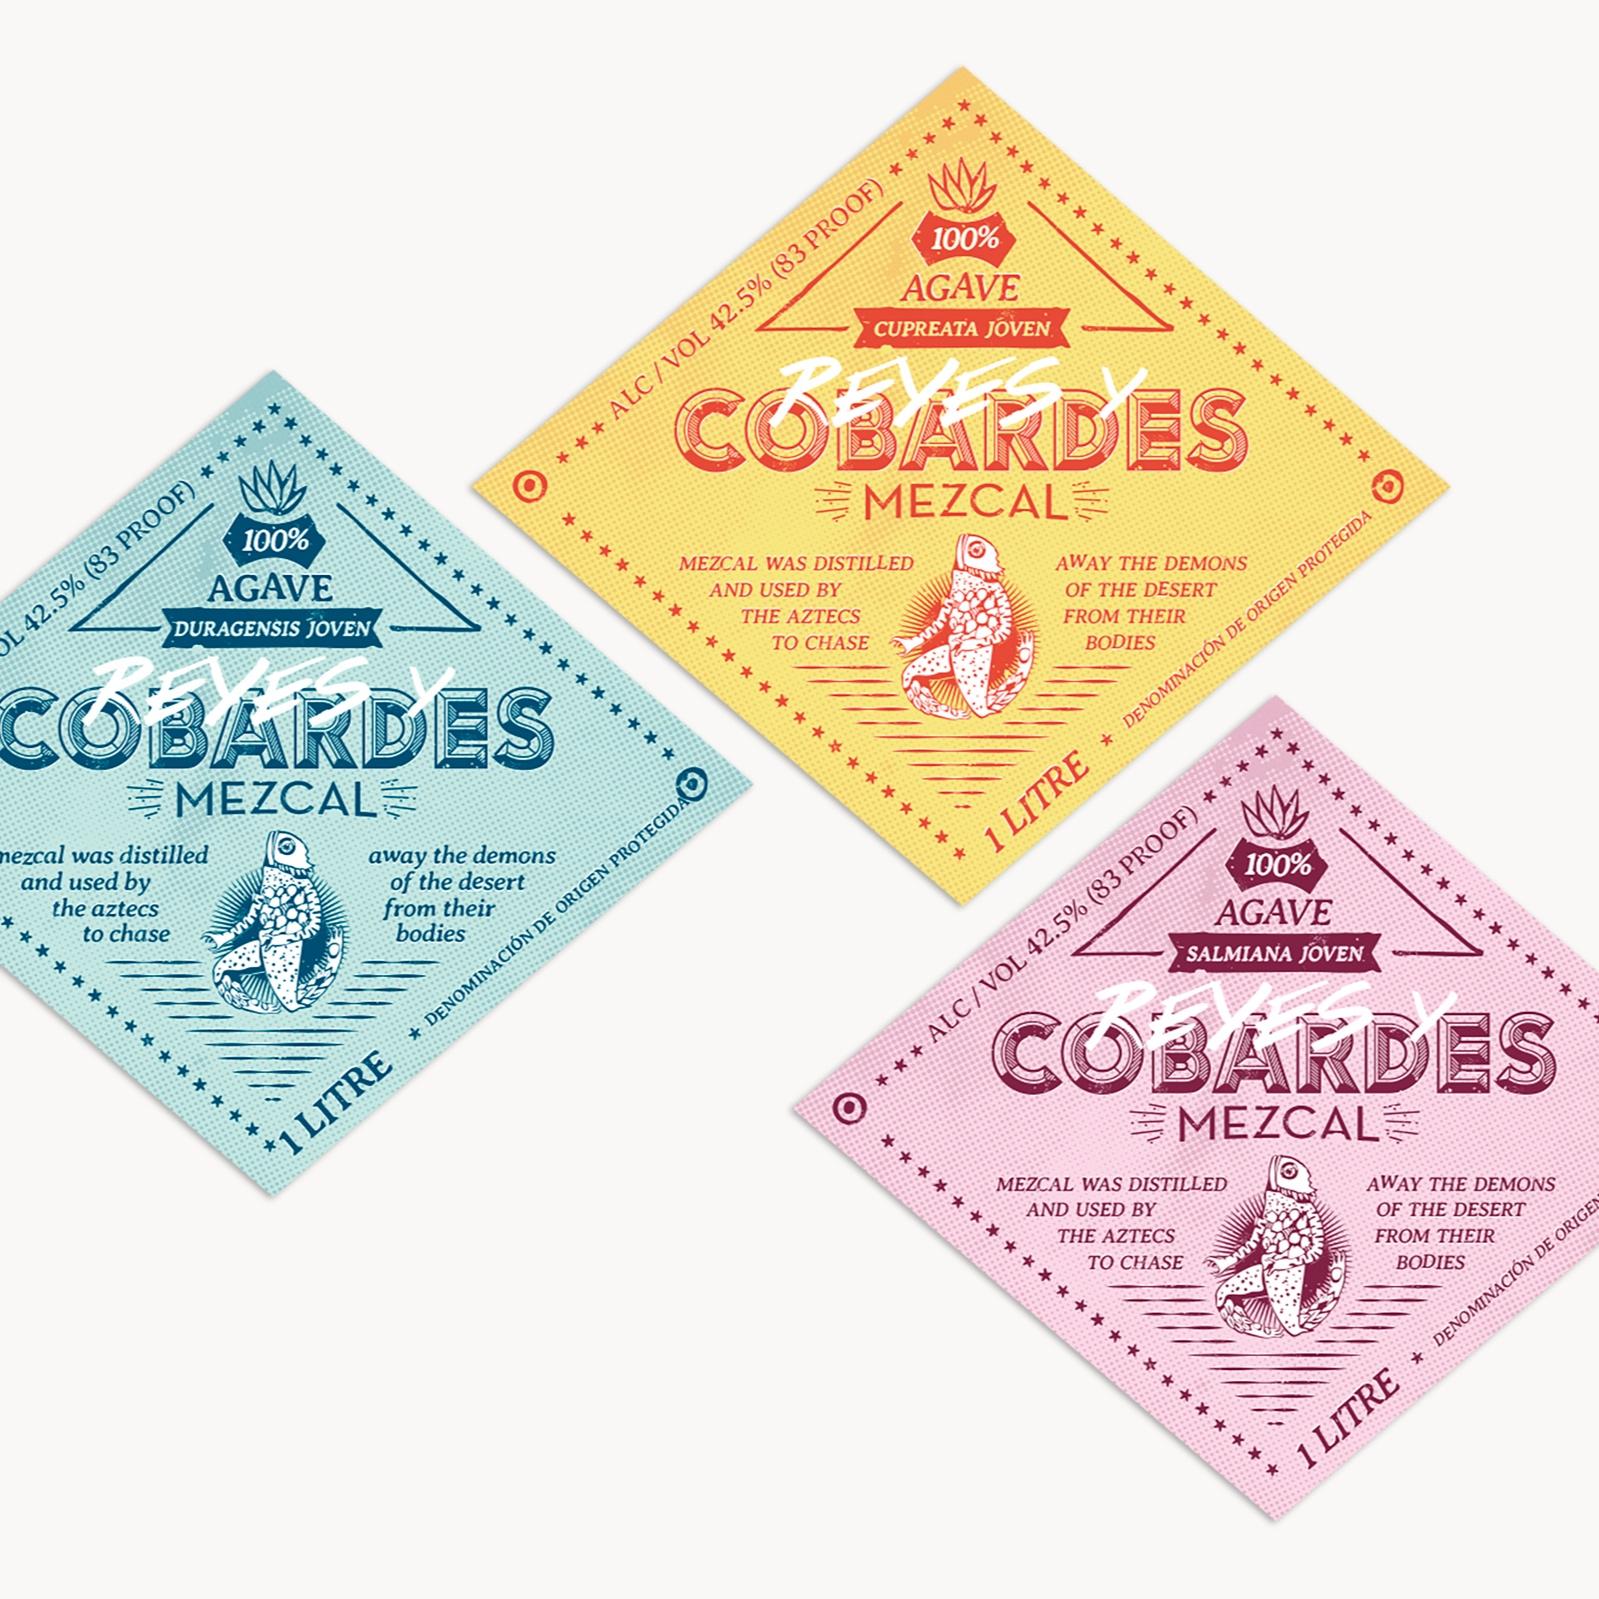 MEZCAL - Aires renovados para un producto de origen tradicional, rediseño de imagen y nuevas etiquetas.